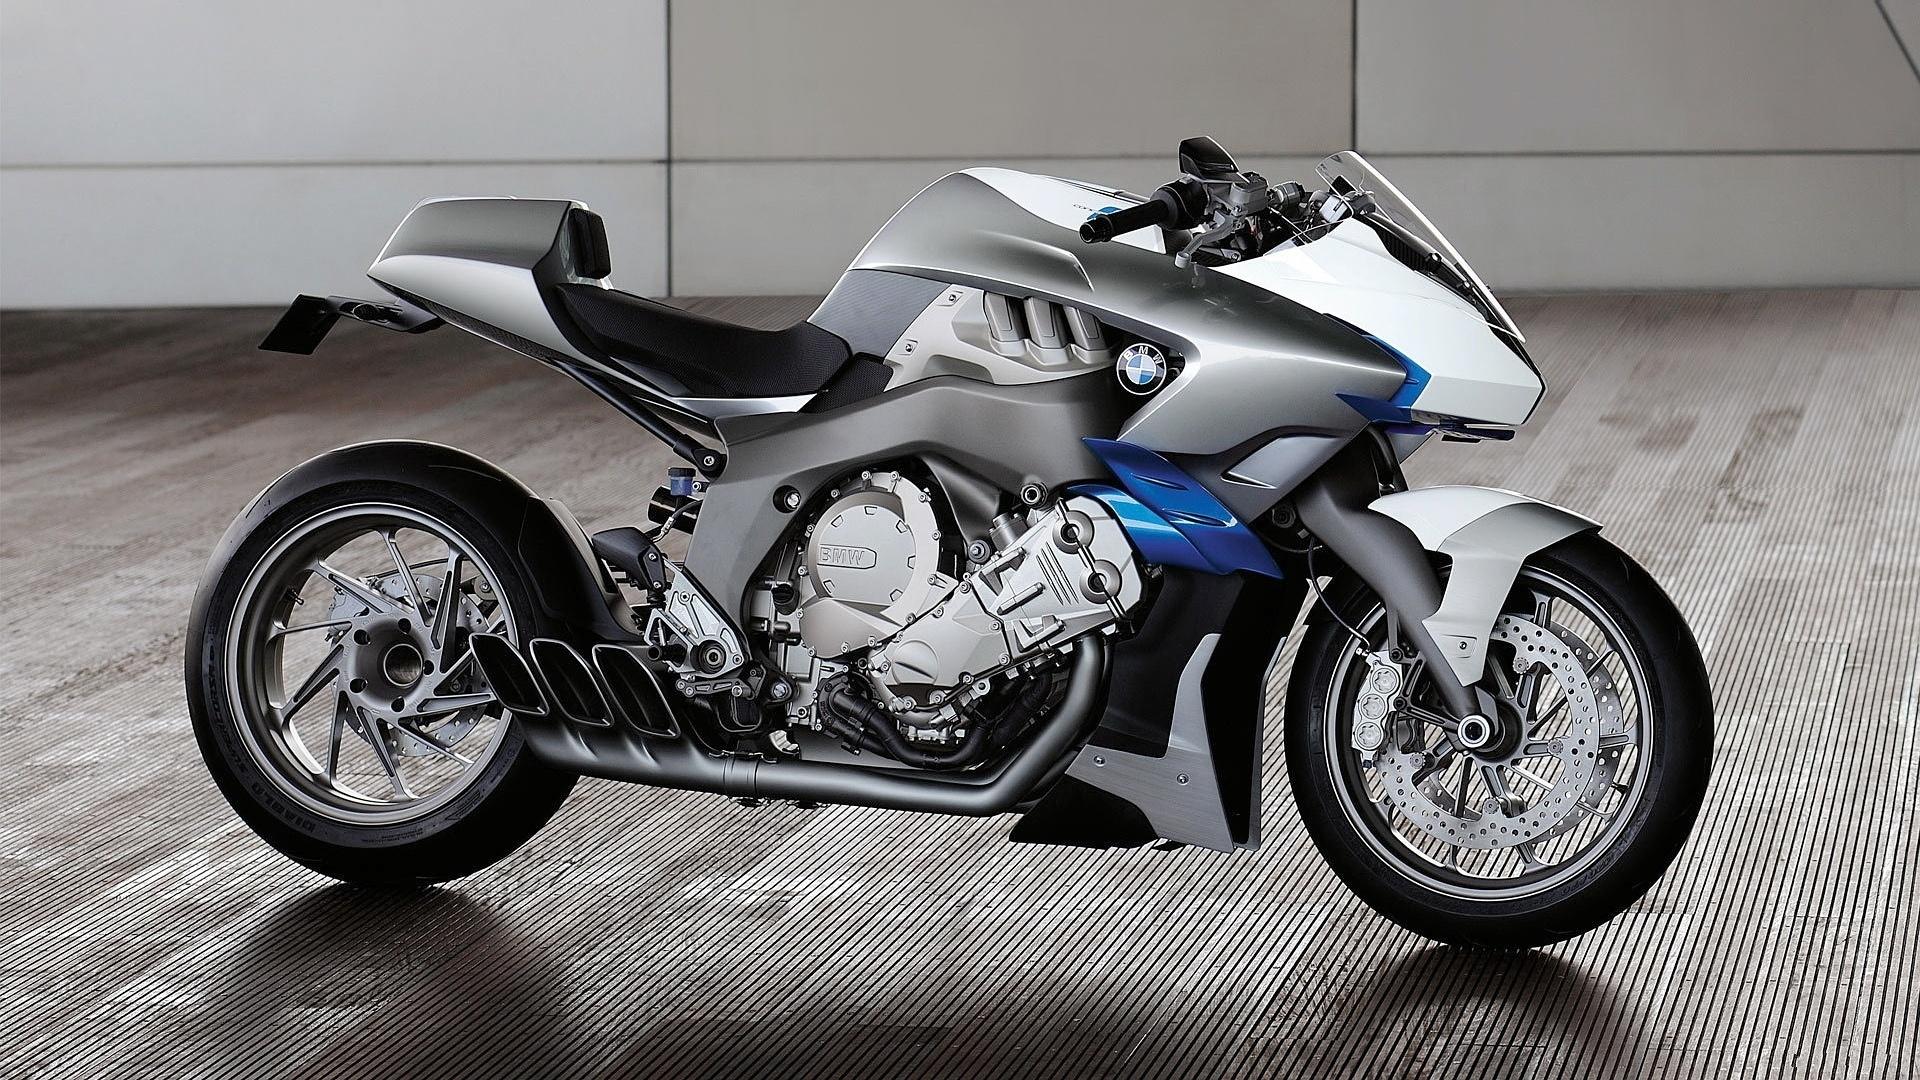 BMW Motorcycles Desktop Wallpaper HD Desktop Wallpapers 1920x1080